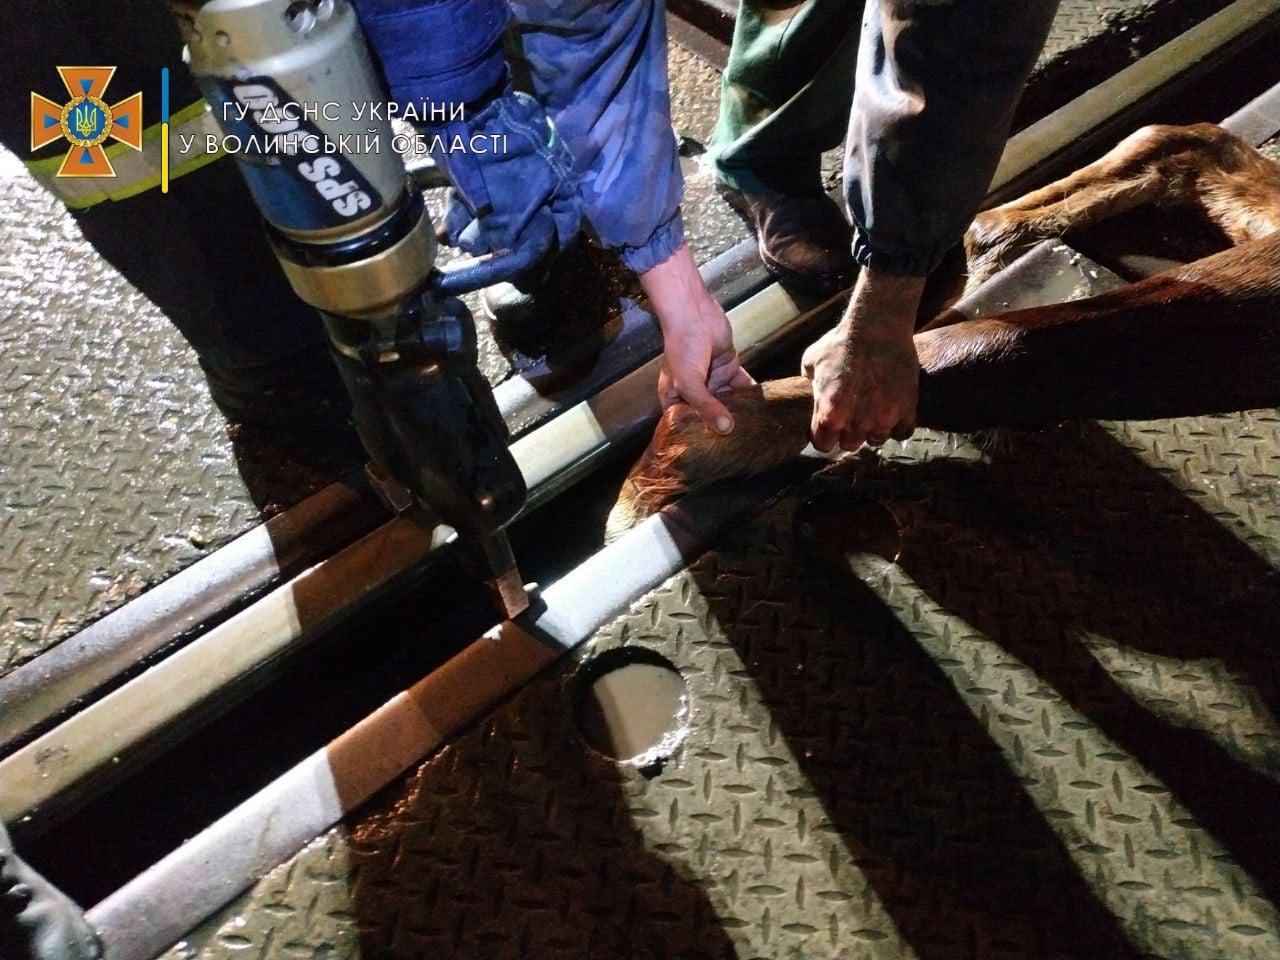 Остановили поезд. В Волынской области ГСЧС спасла коня, который застрял копытом в рельсах